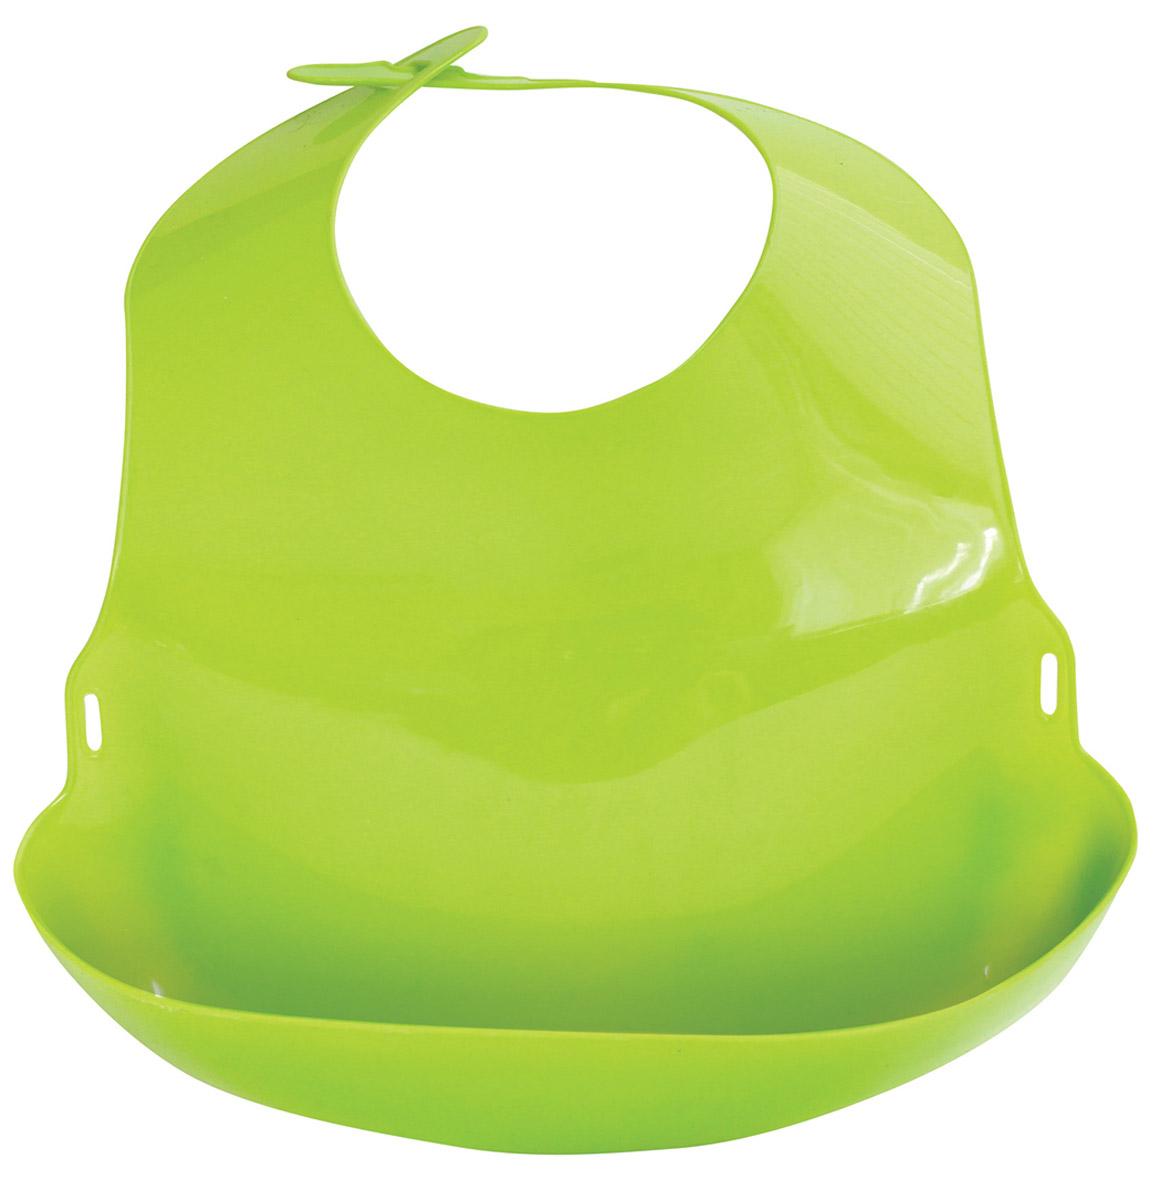 """Красивый и прочный нагрудник """"Lubby"""" защитит одежду малыша во время кормления и избавит родителей от дополнительных хлопот. Изготовлен из прочных и безопасных материалов, обеспечивающих длительное использование. Имеет удобный отворот, куда будет падать еда, которую малыш выплюнет или случайно уронит. Мыть в теплой воде с мылом."""